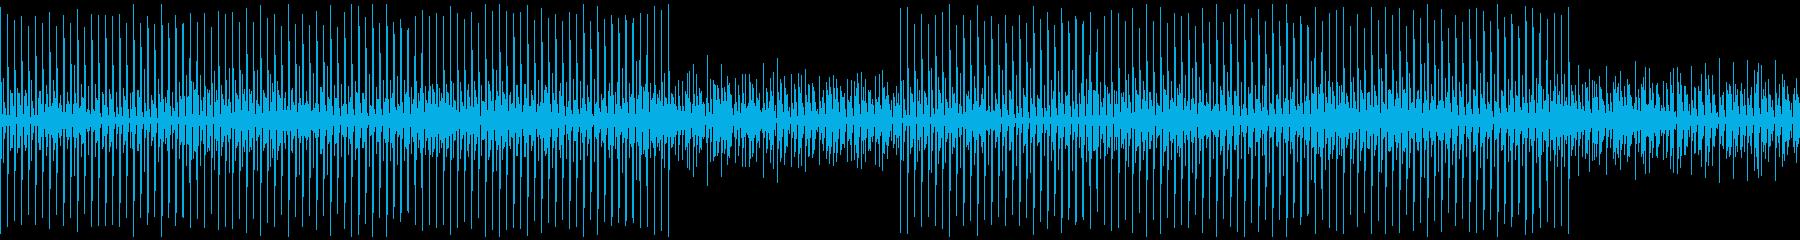 ドラムとパーカッションだけのテクノループの再生済みの波形